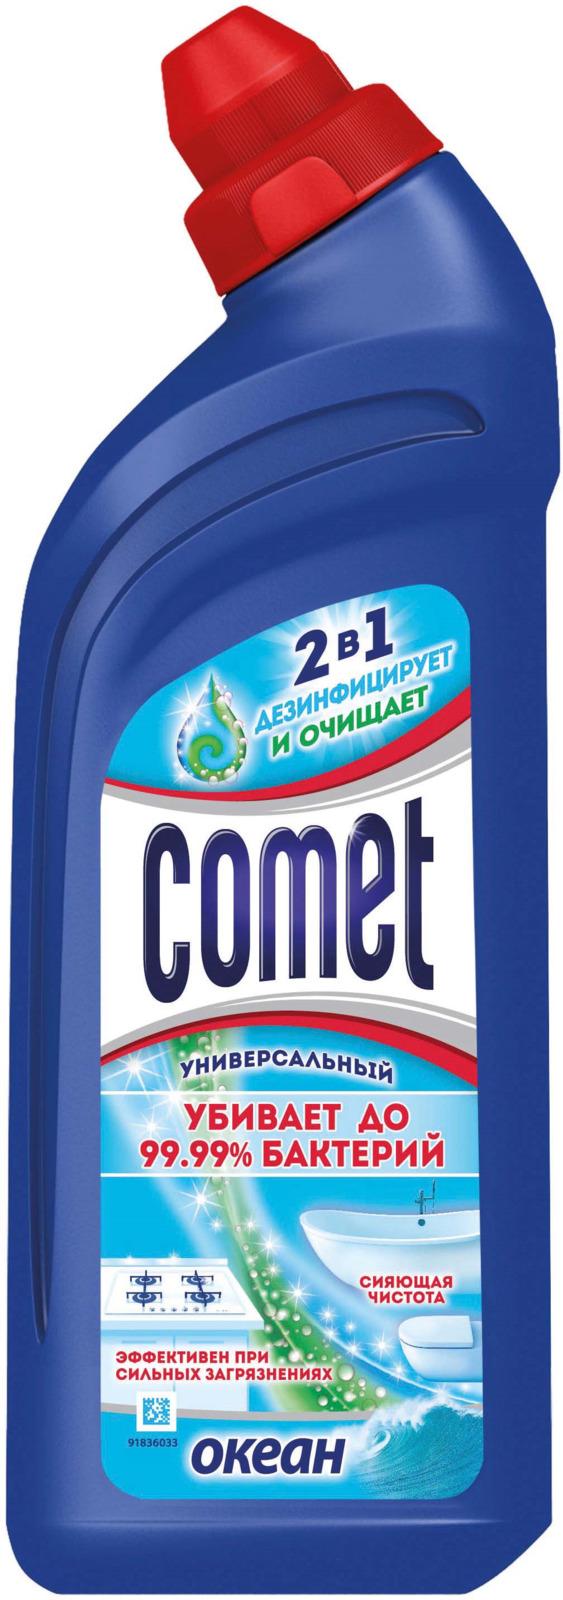 Универсальный чистящий гель Comet Двойной эффект, океанский бриз, 500 мл comet чистящий гель лимон 500мл